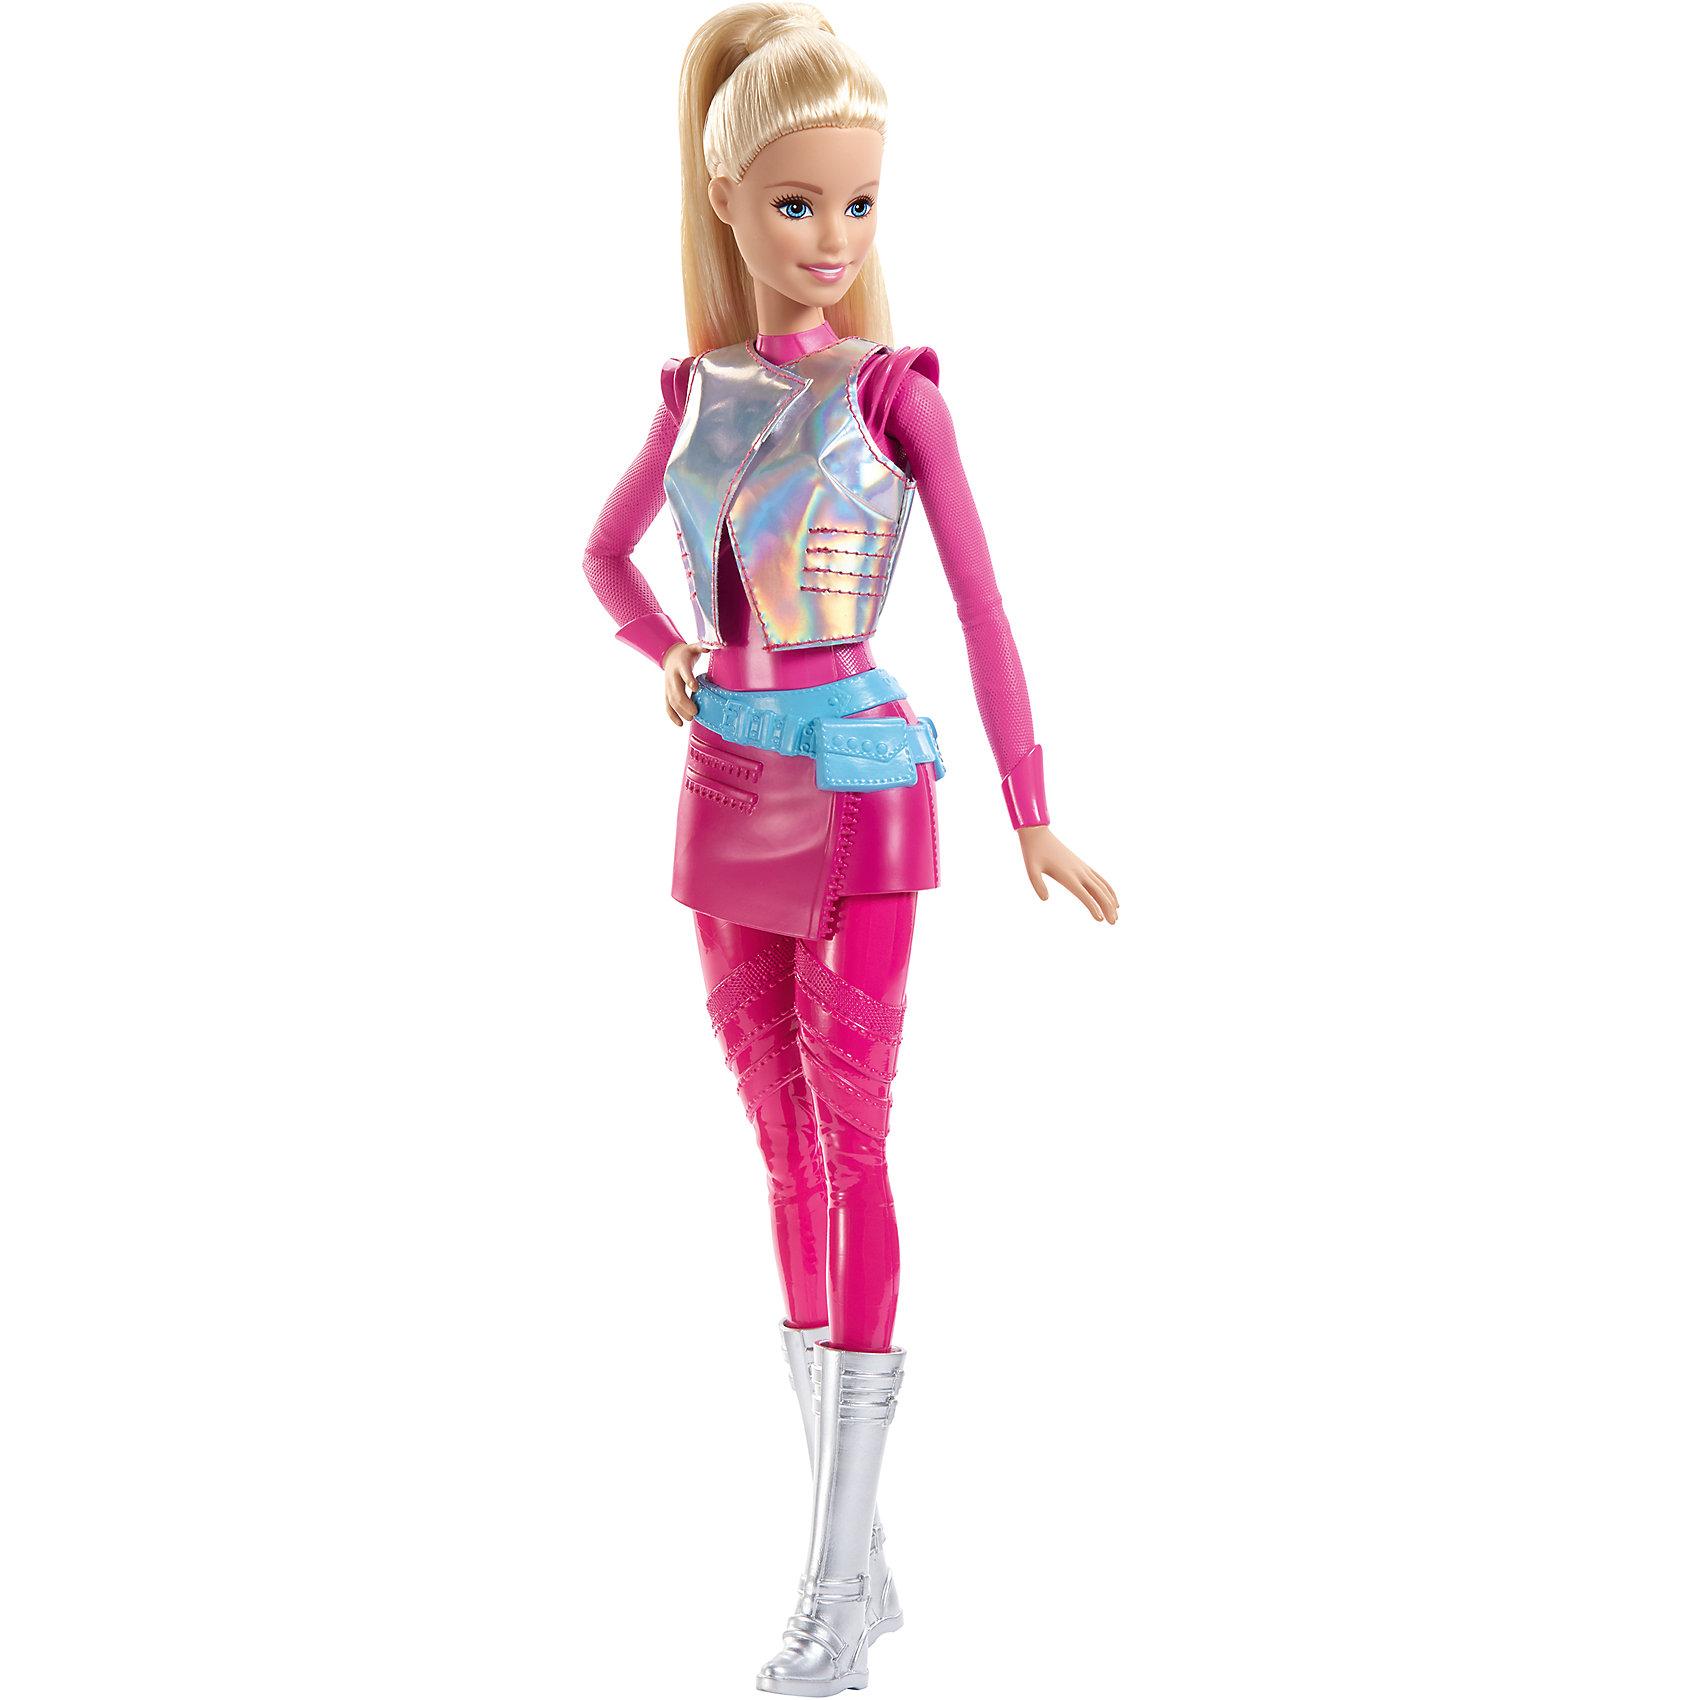 Кукла из серии Barbie и космическое приключениеBarbie<br>Кукла из серии Barbie и космическое приключение порадует вашего ребёнка. Кукла имеет красивый, космический наряд. Благодаря чему можно пофантазировать о космических путешествиях. Такая куколка станет любимицей ребенка, а игра с ней поспособствует развитию фантазии. <br><br>В товар входит:<br>-кукла<br><br>Дополнительная информация:<br>-Для девочек от 3 лет<br>-Состав: пластмасса,текстиль<br>-Марка: Mattel<br><br>Ширина мм: 326<br>Глубина мм: 126<br>Высота мм: 48<br>Вес г: 199<br>Возраст от месяцев: 36<br>Возраст до месяцев: 120<br>Пол: Женский<br>Возраст: Детский<br>SKU: 4973458